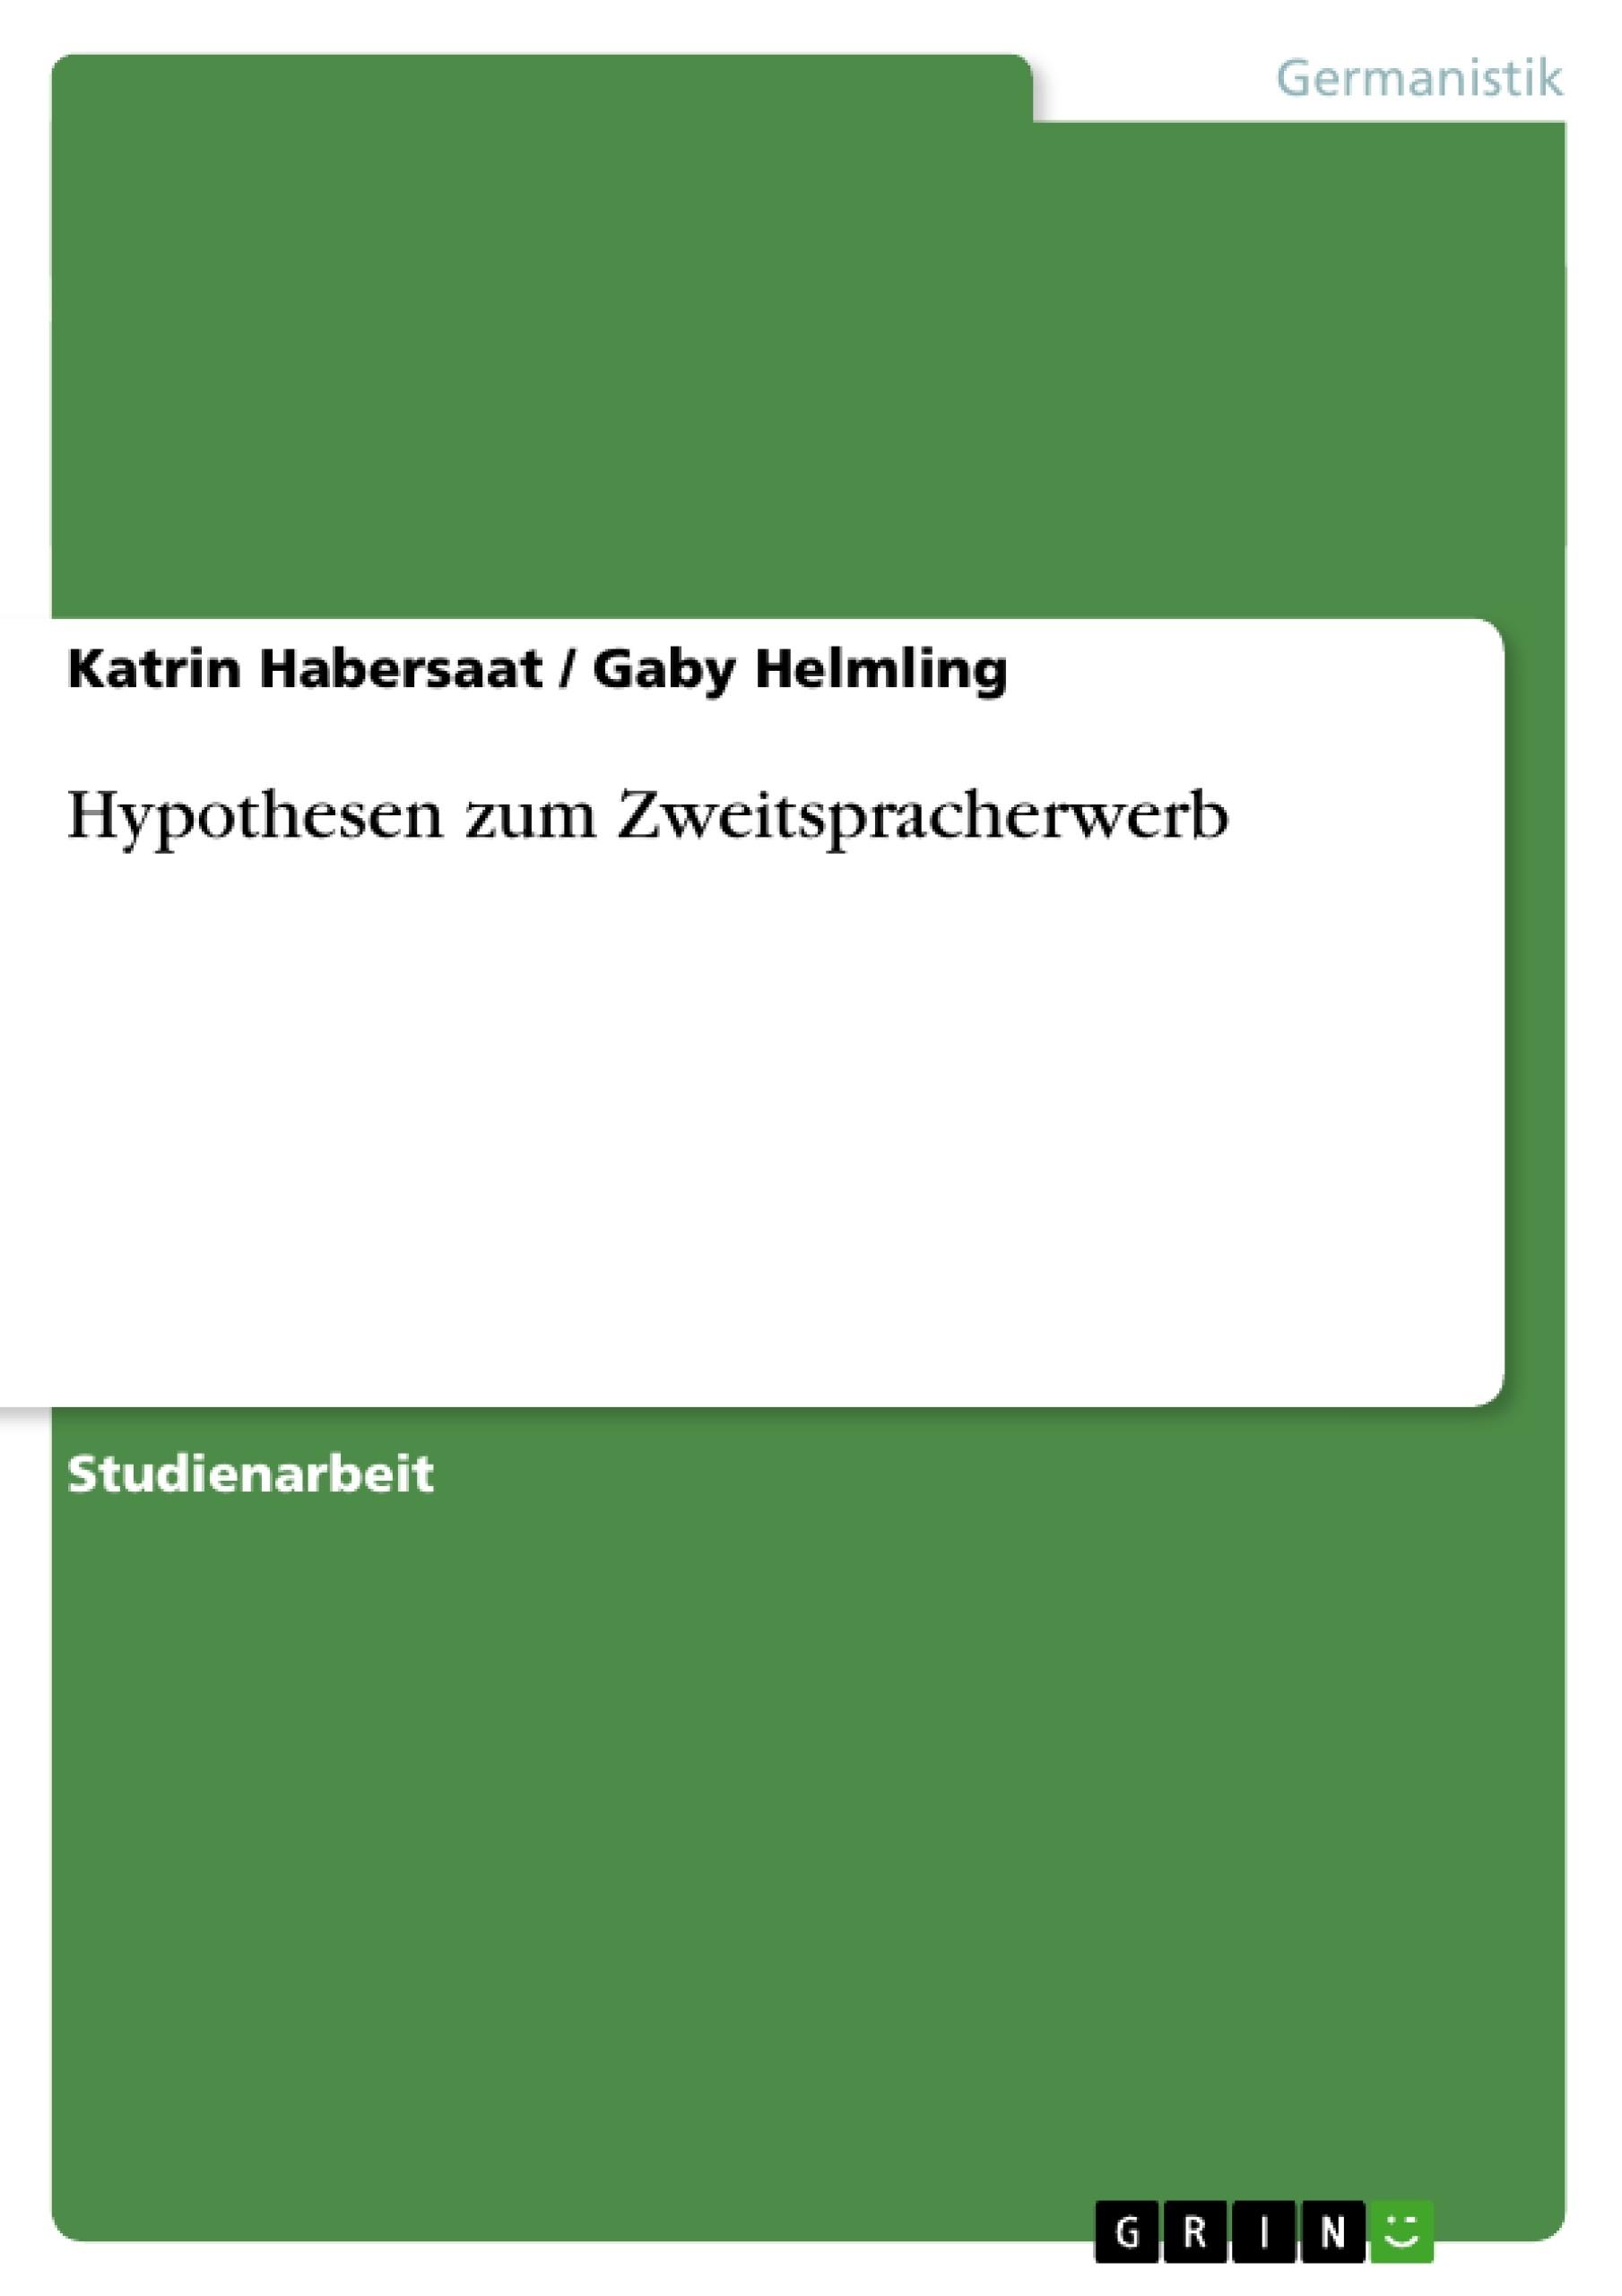 Titel: Hypothesen zum Zweitspracherwerb